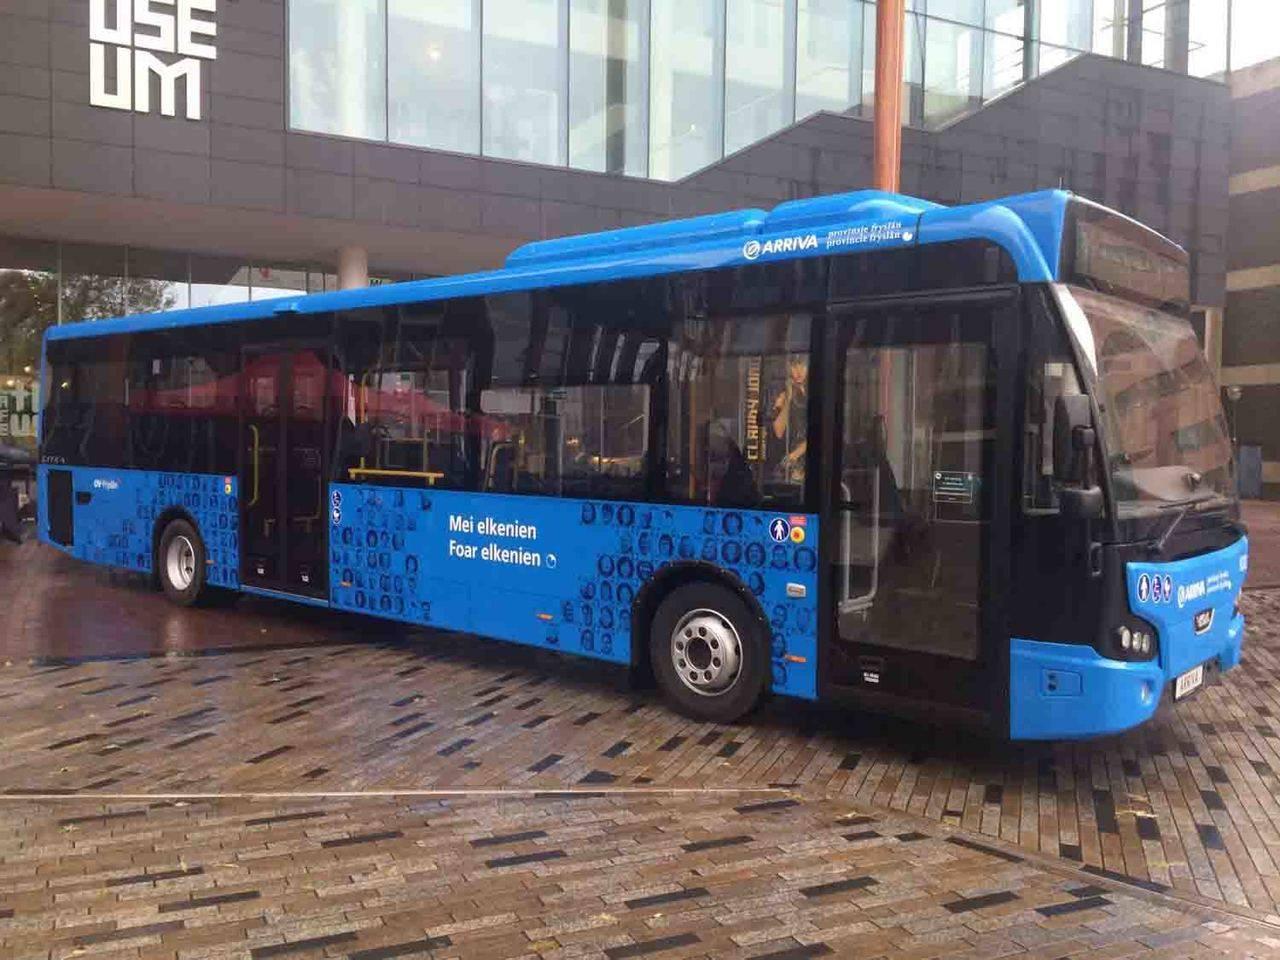 VDL Bus & Coach recibe un pedido de 228 unidades para Arriva Netherlands